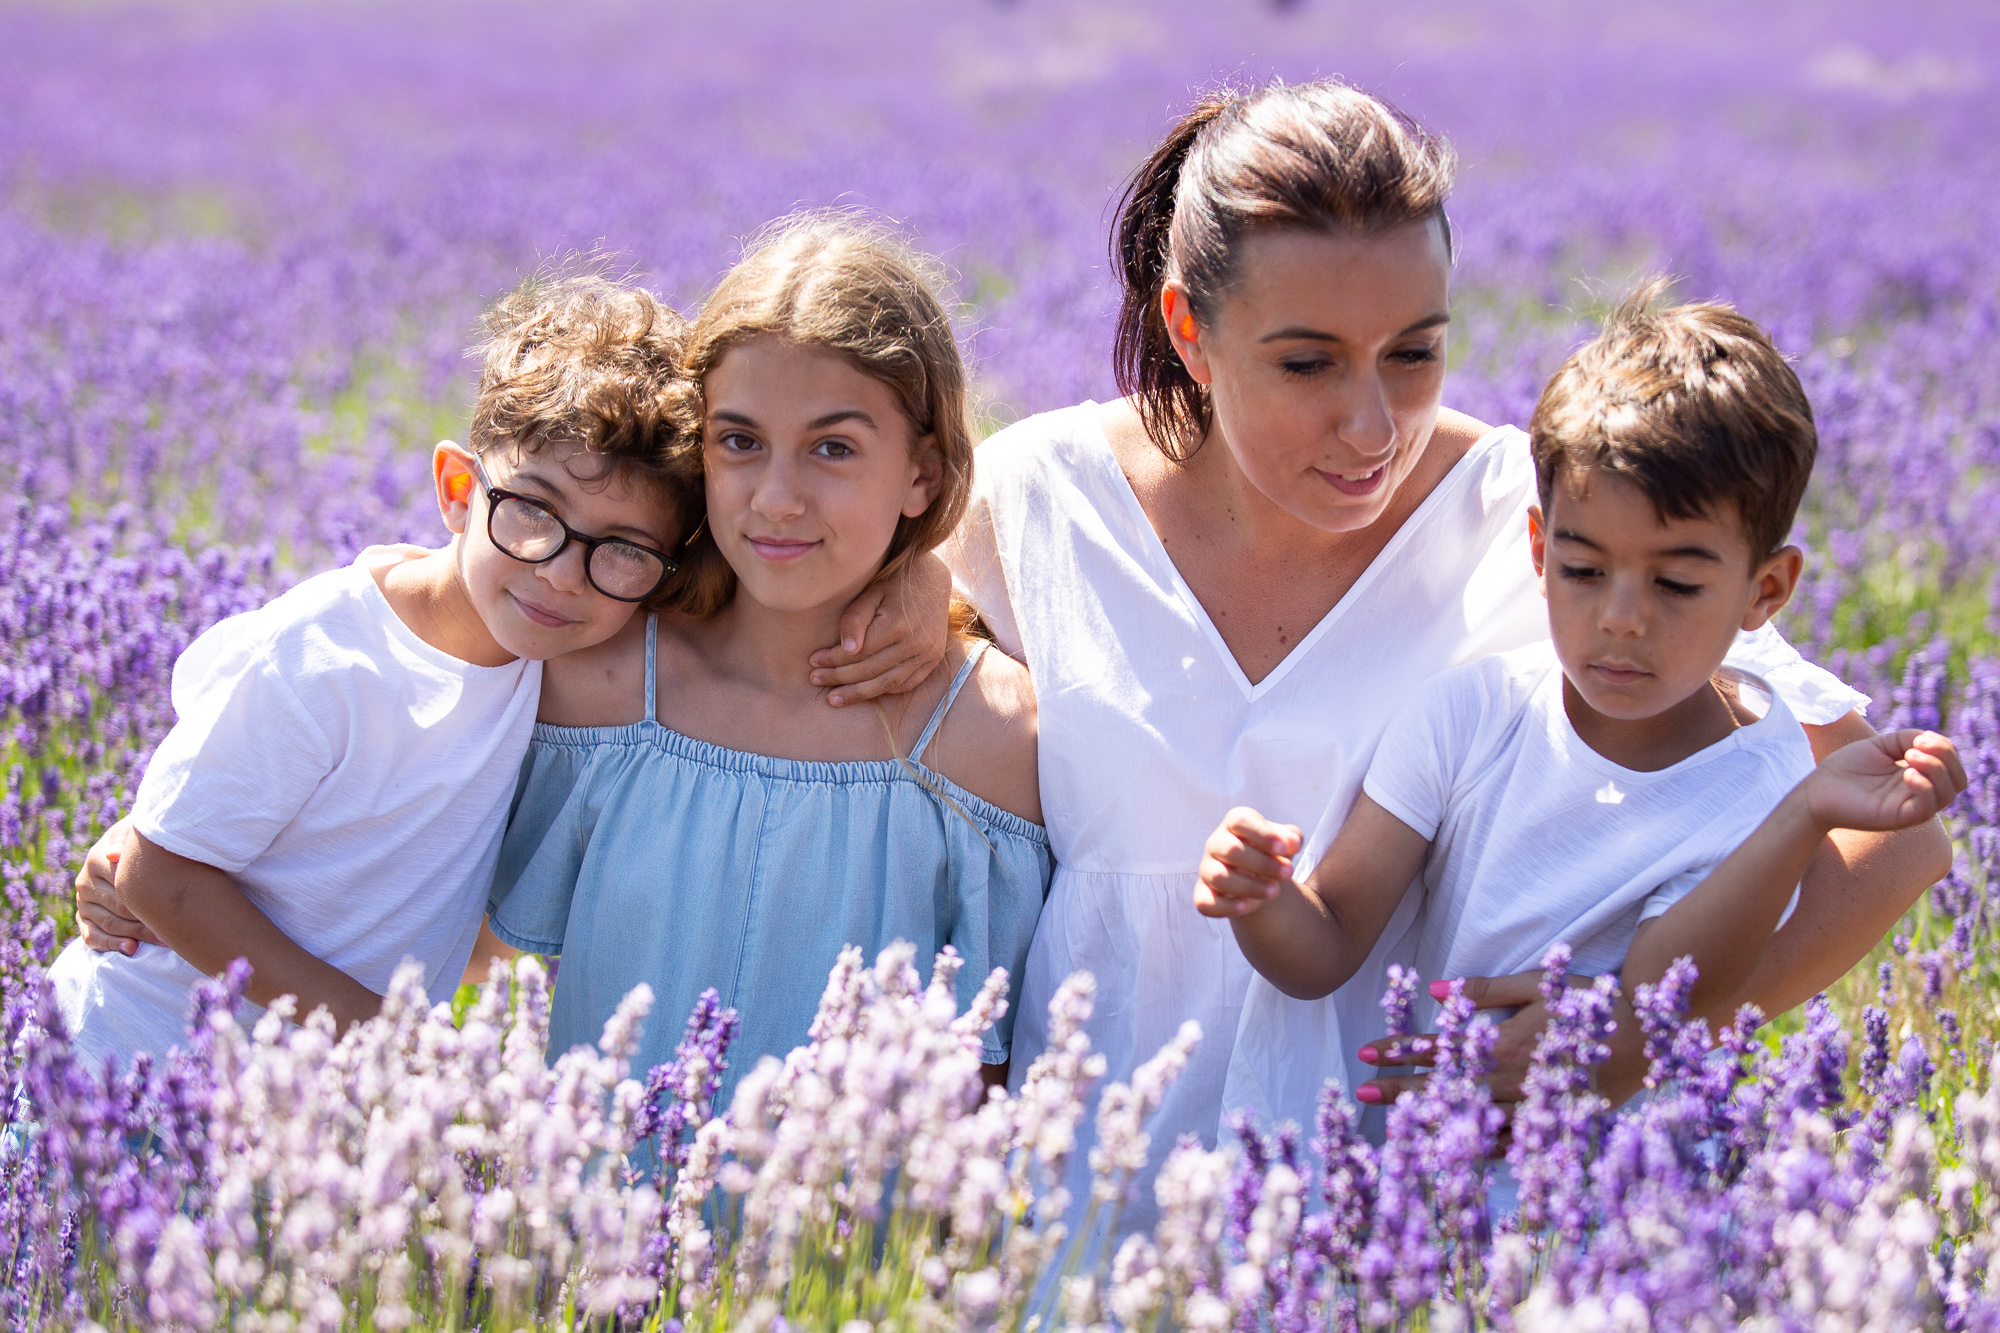 Lavender Family Photoshoot Clothing